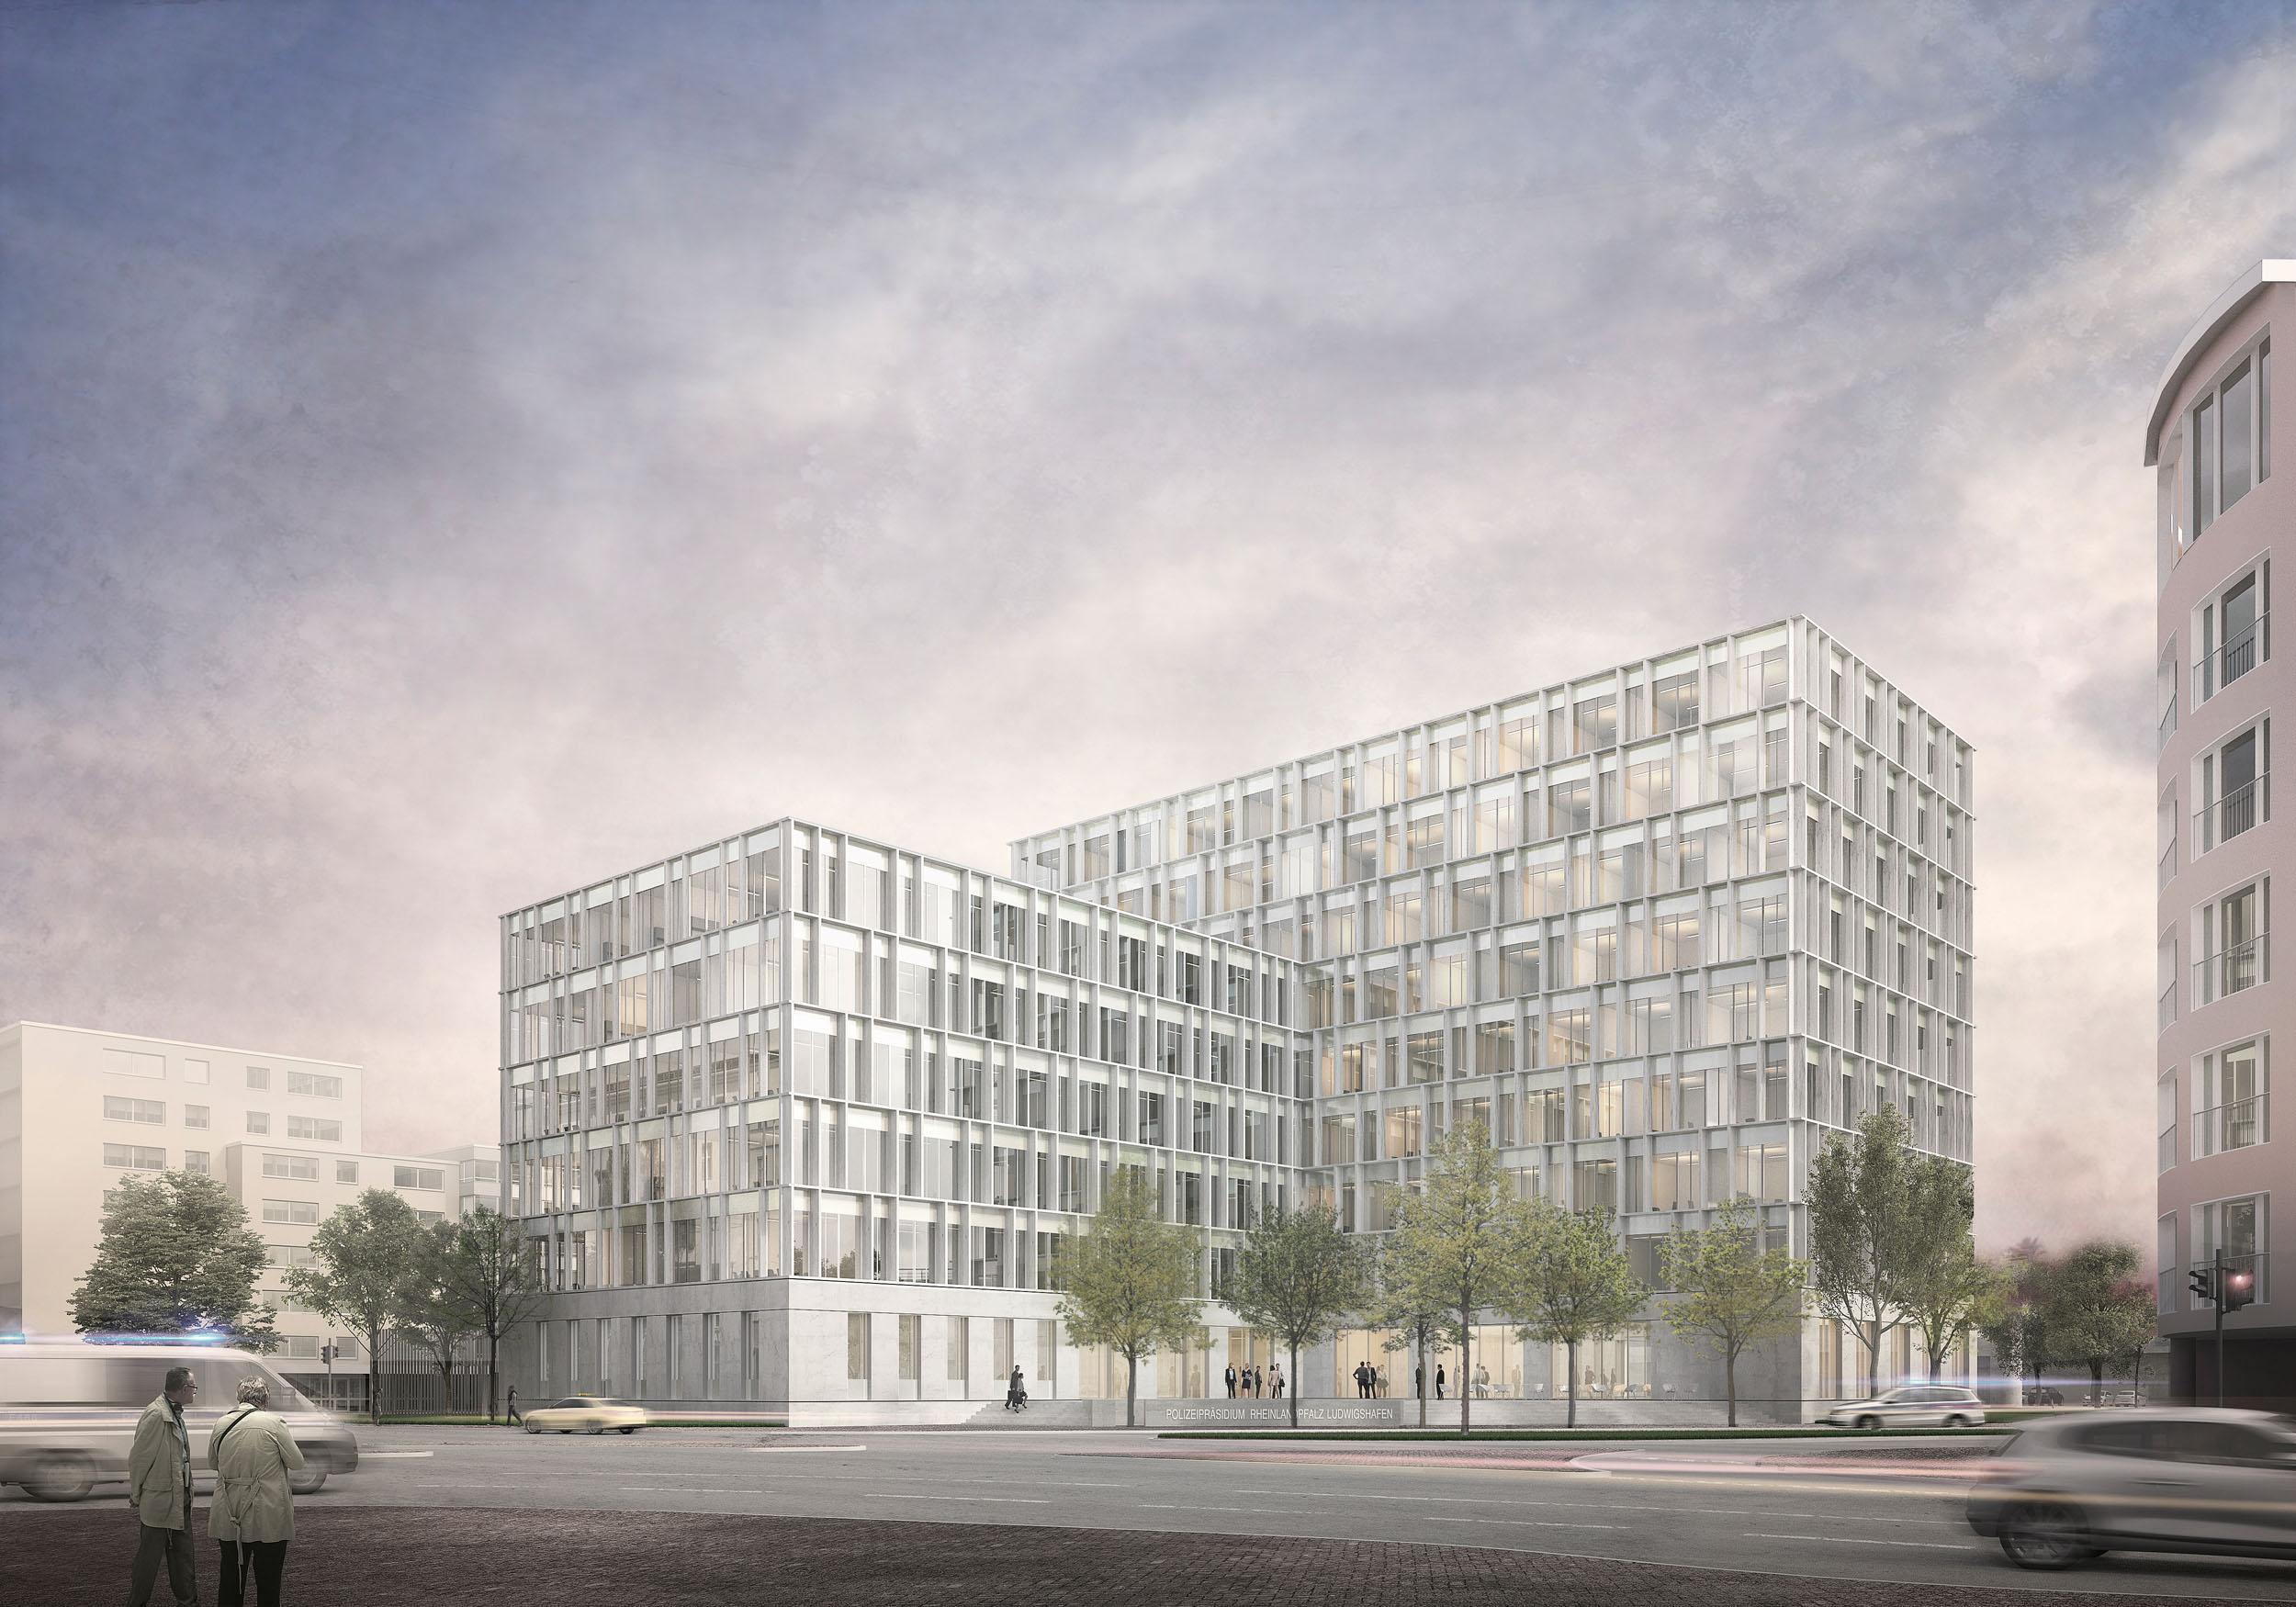 Architekten Ludwigshafen wettbewerb polizeipräsidium rheinpfalz in ludwigshafen müller